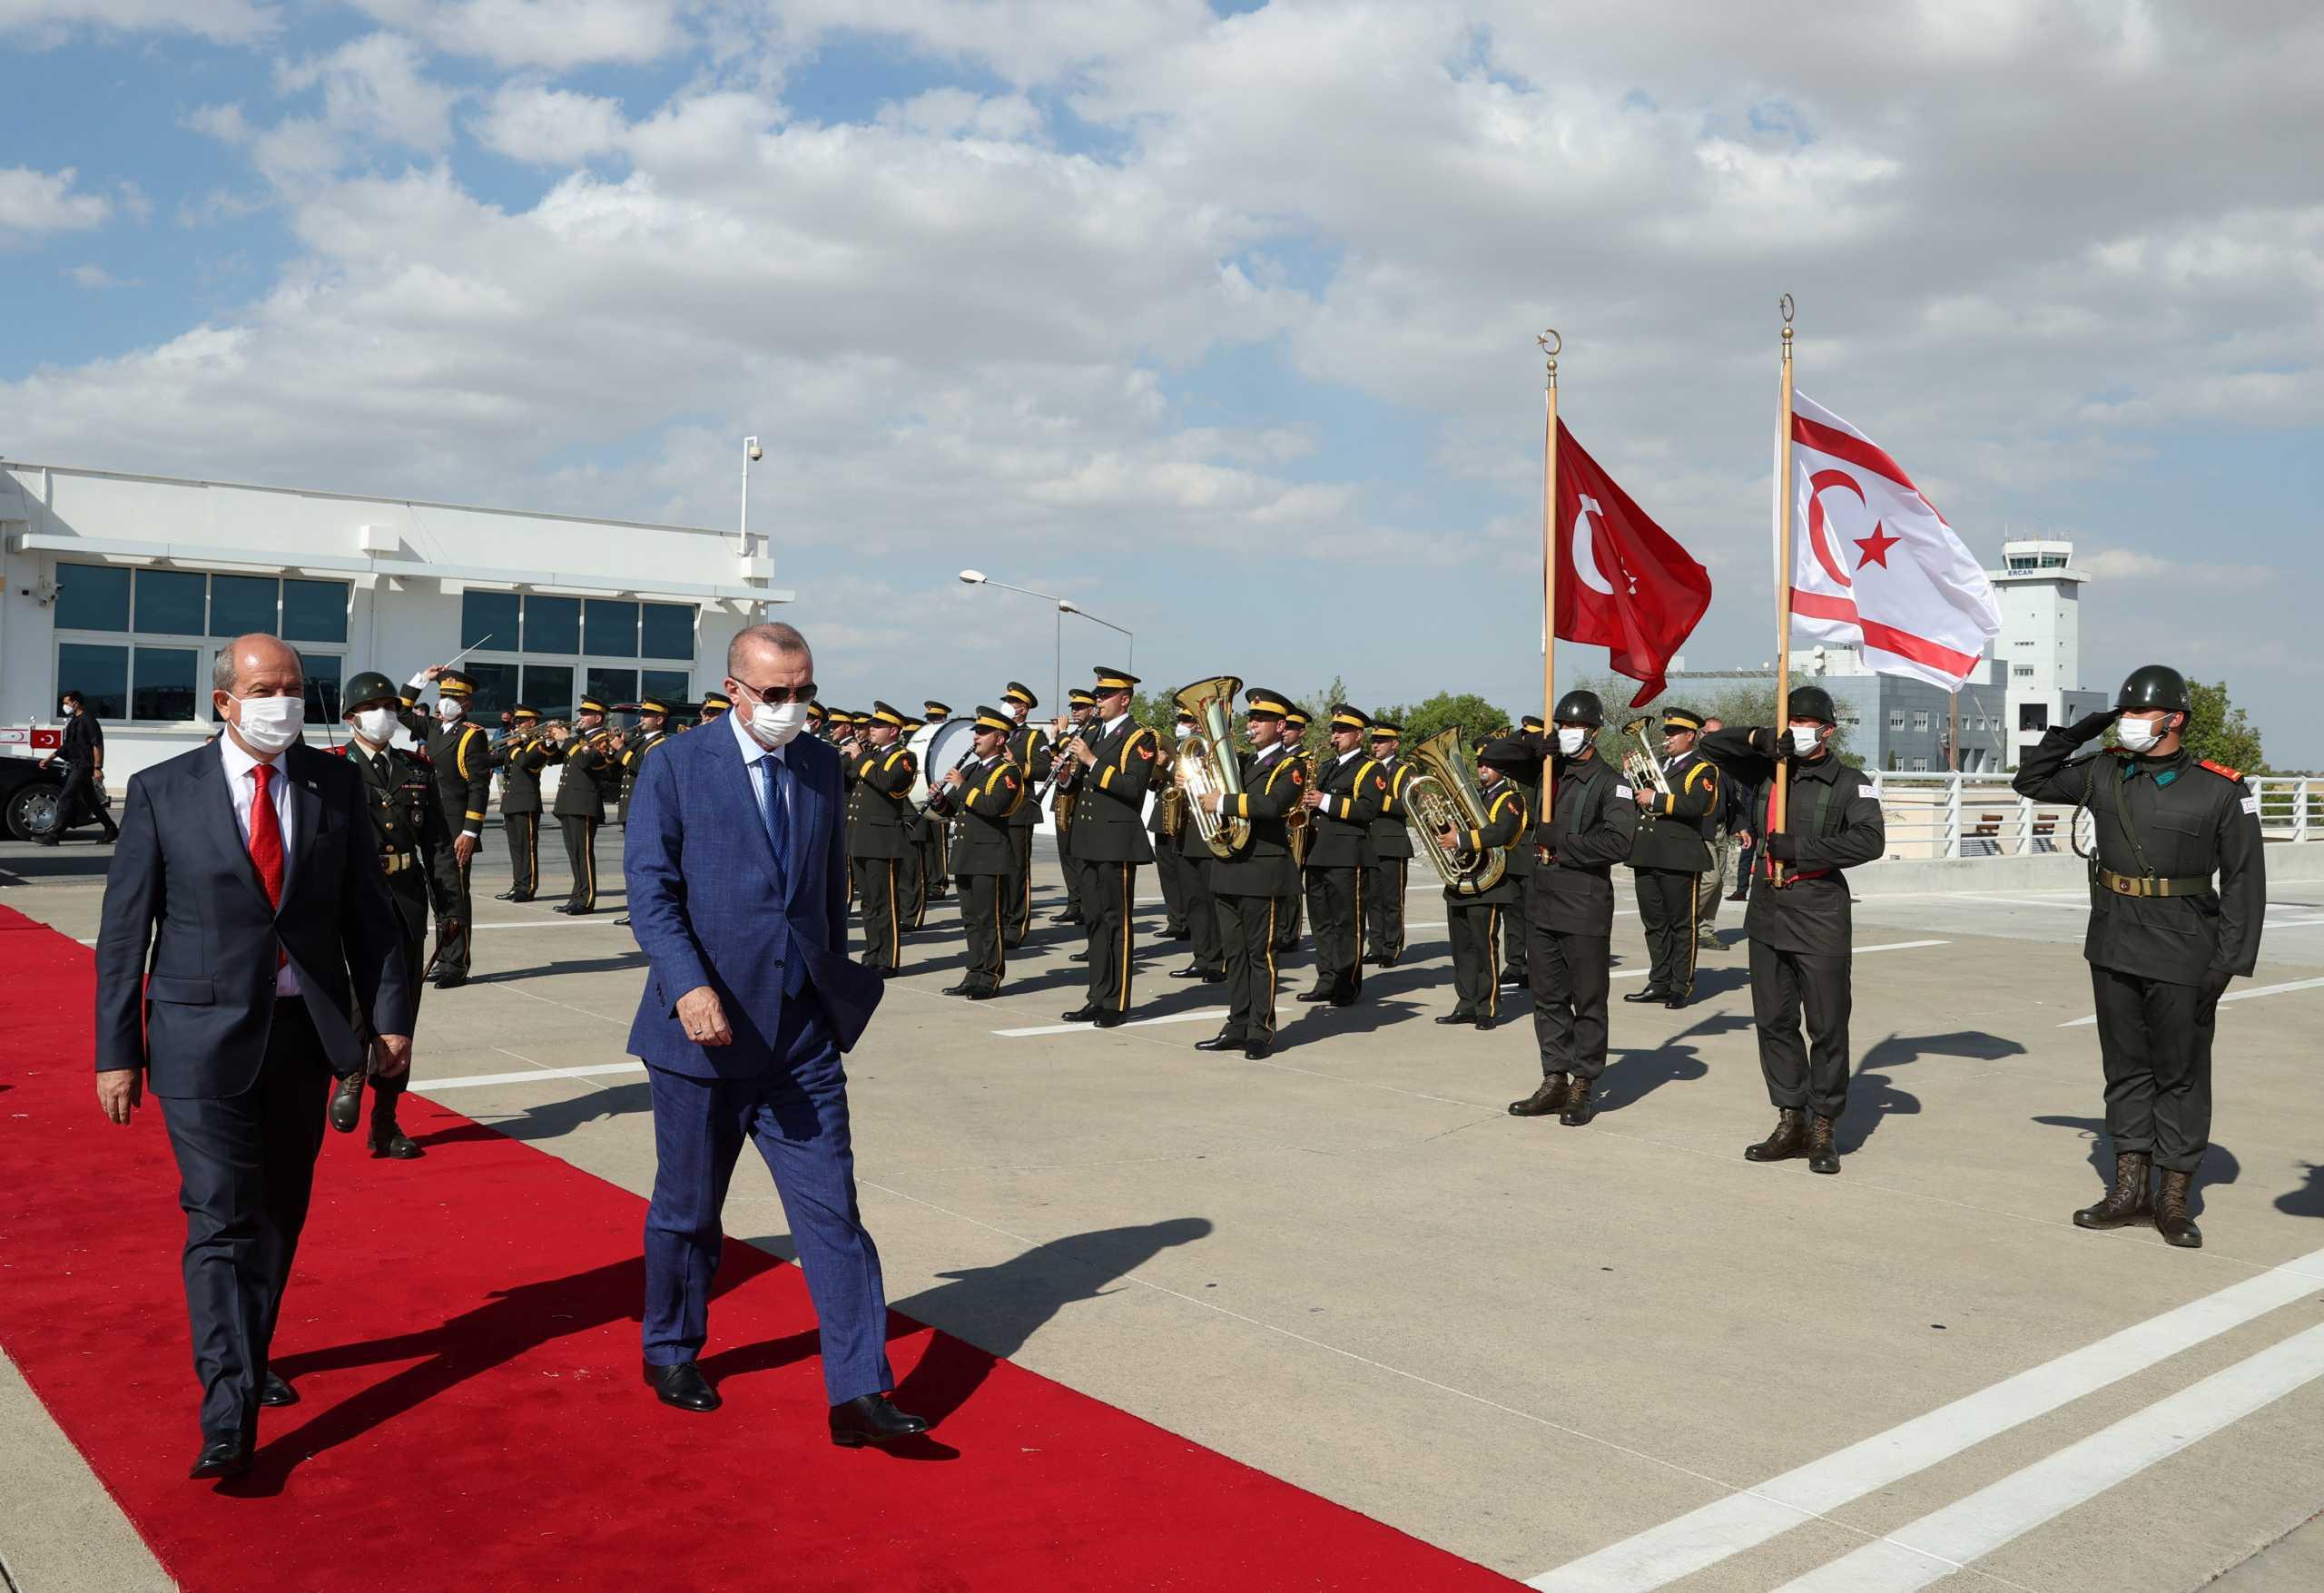 Η Τουρκία και όλοι οι άλλοι απέναντί της – Διεθνής κατακραυγή και καταδίκη για τα Βαρώσια